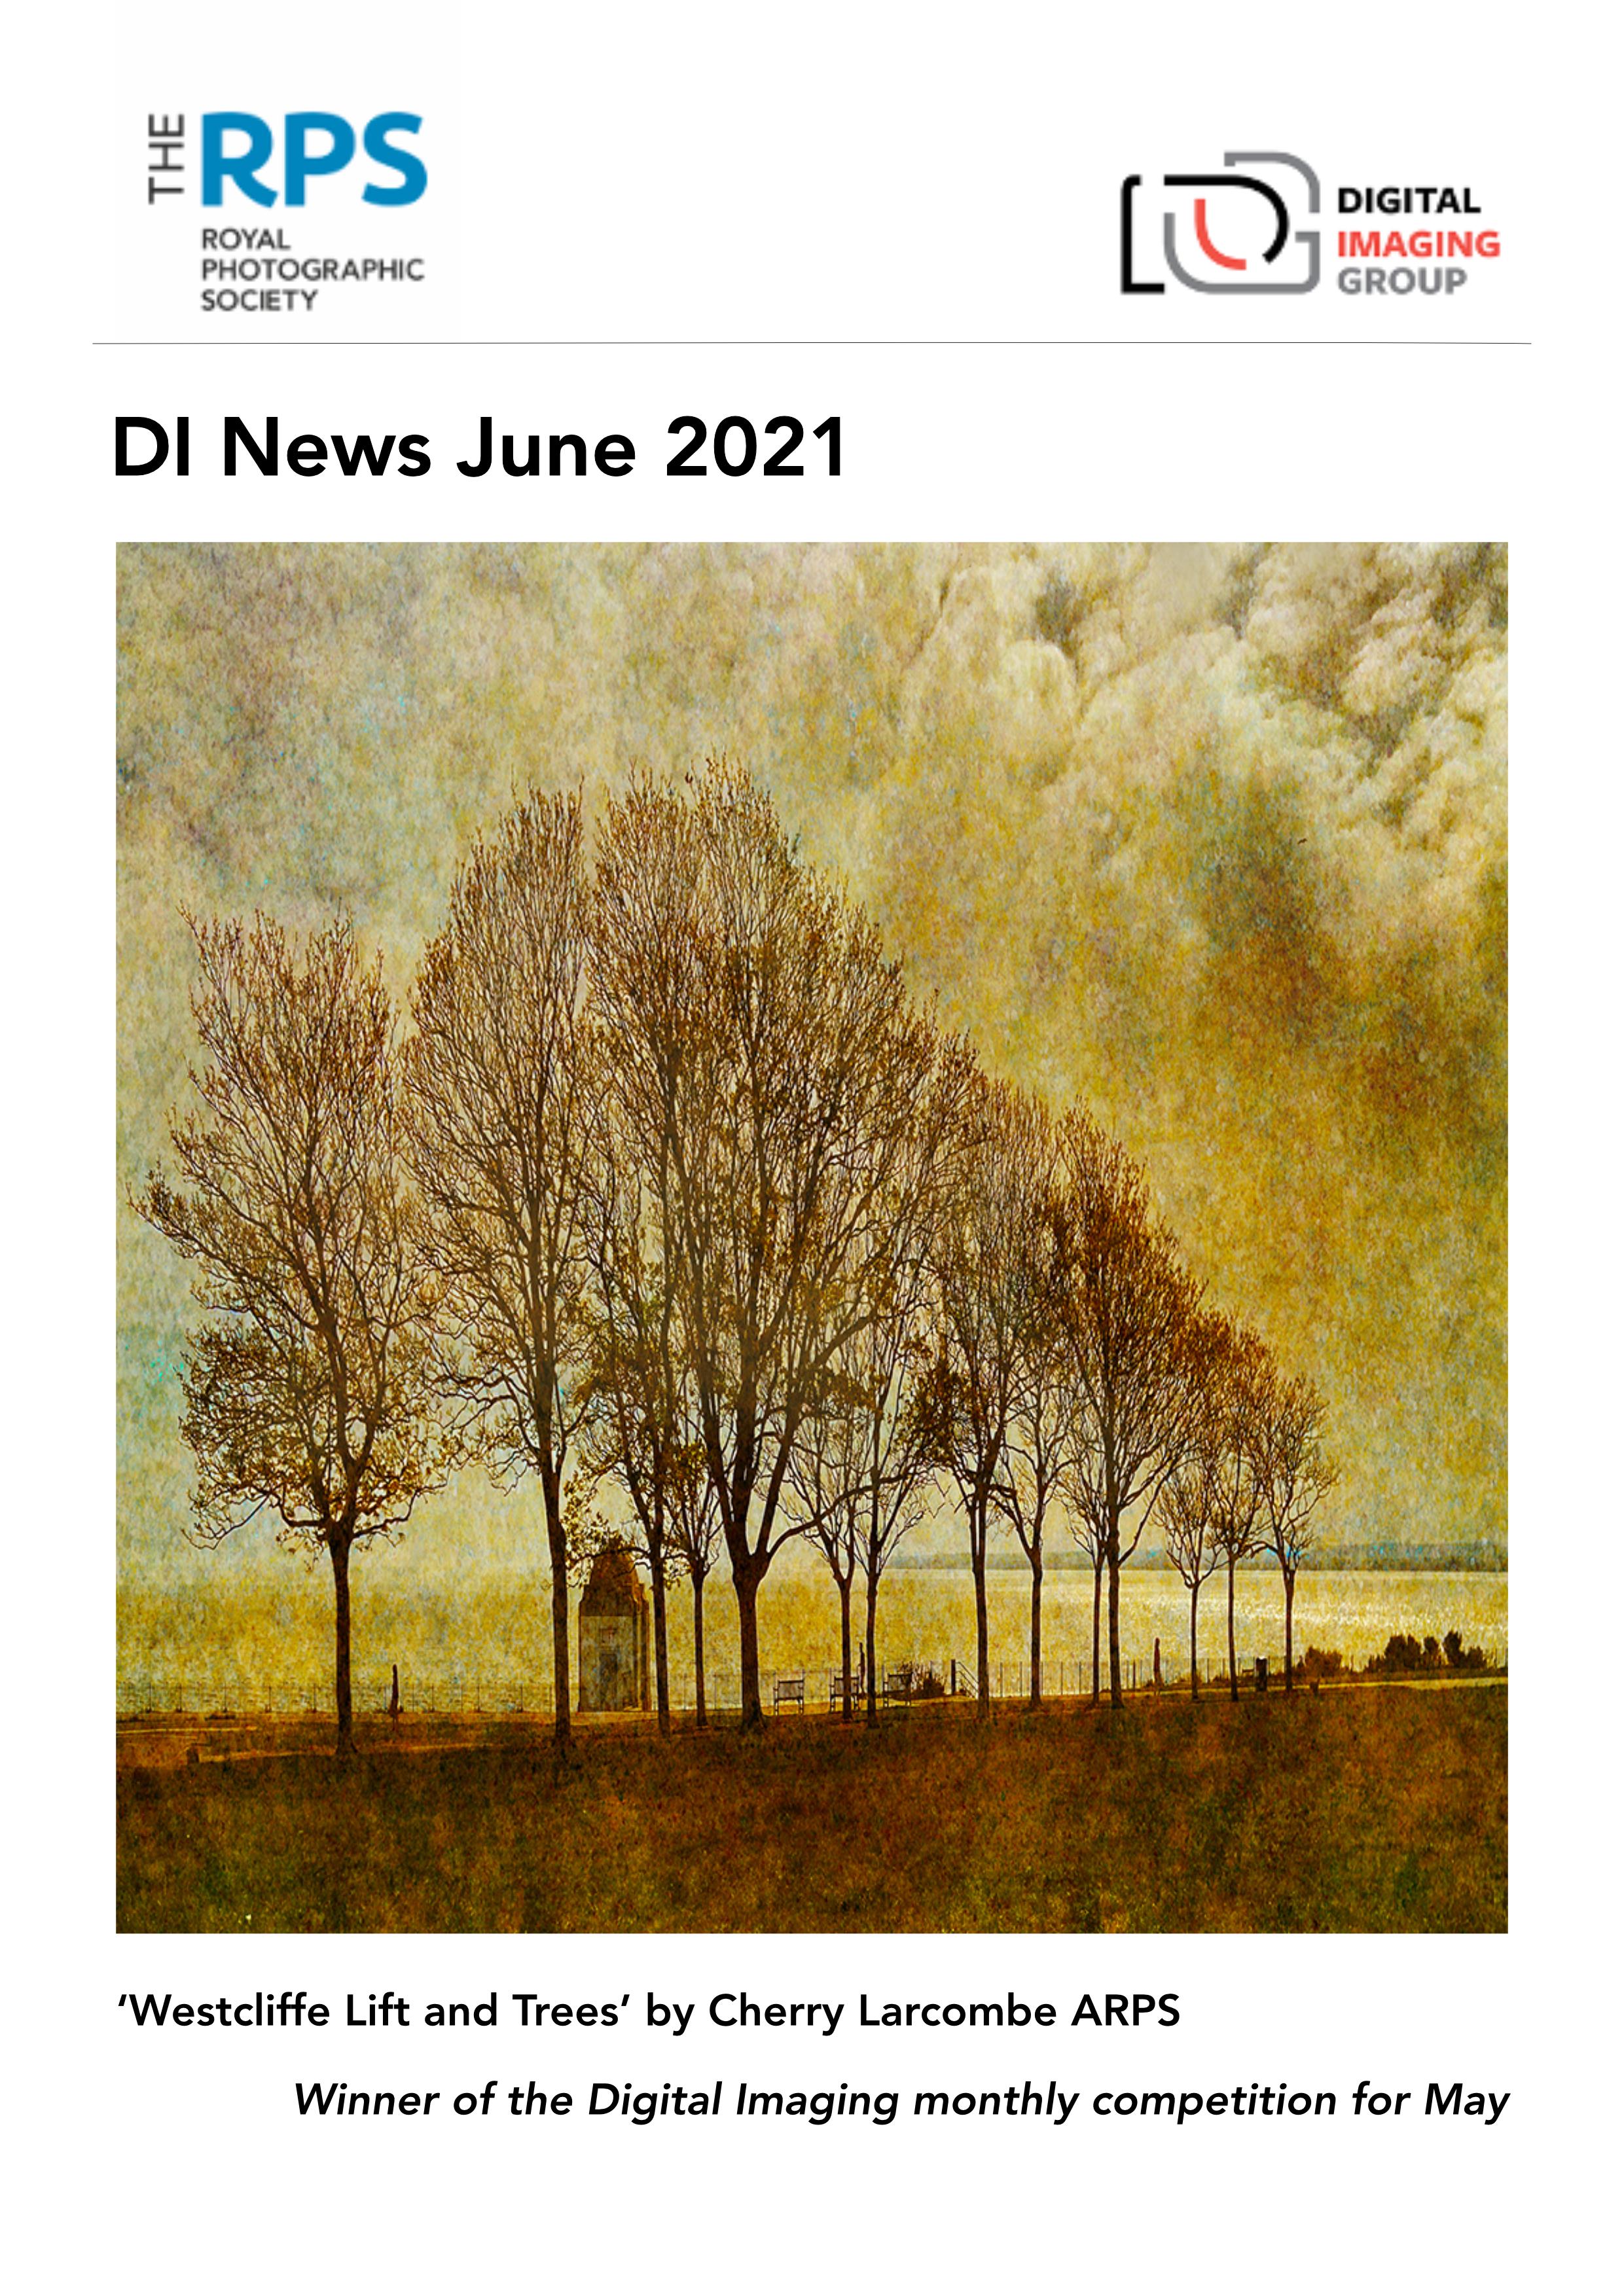 DI News June 2021 Cover